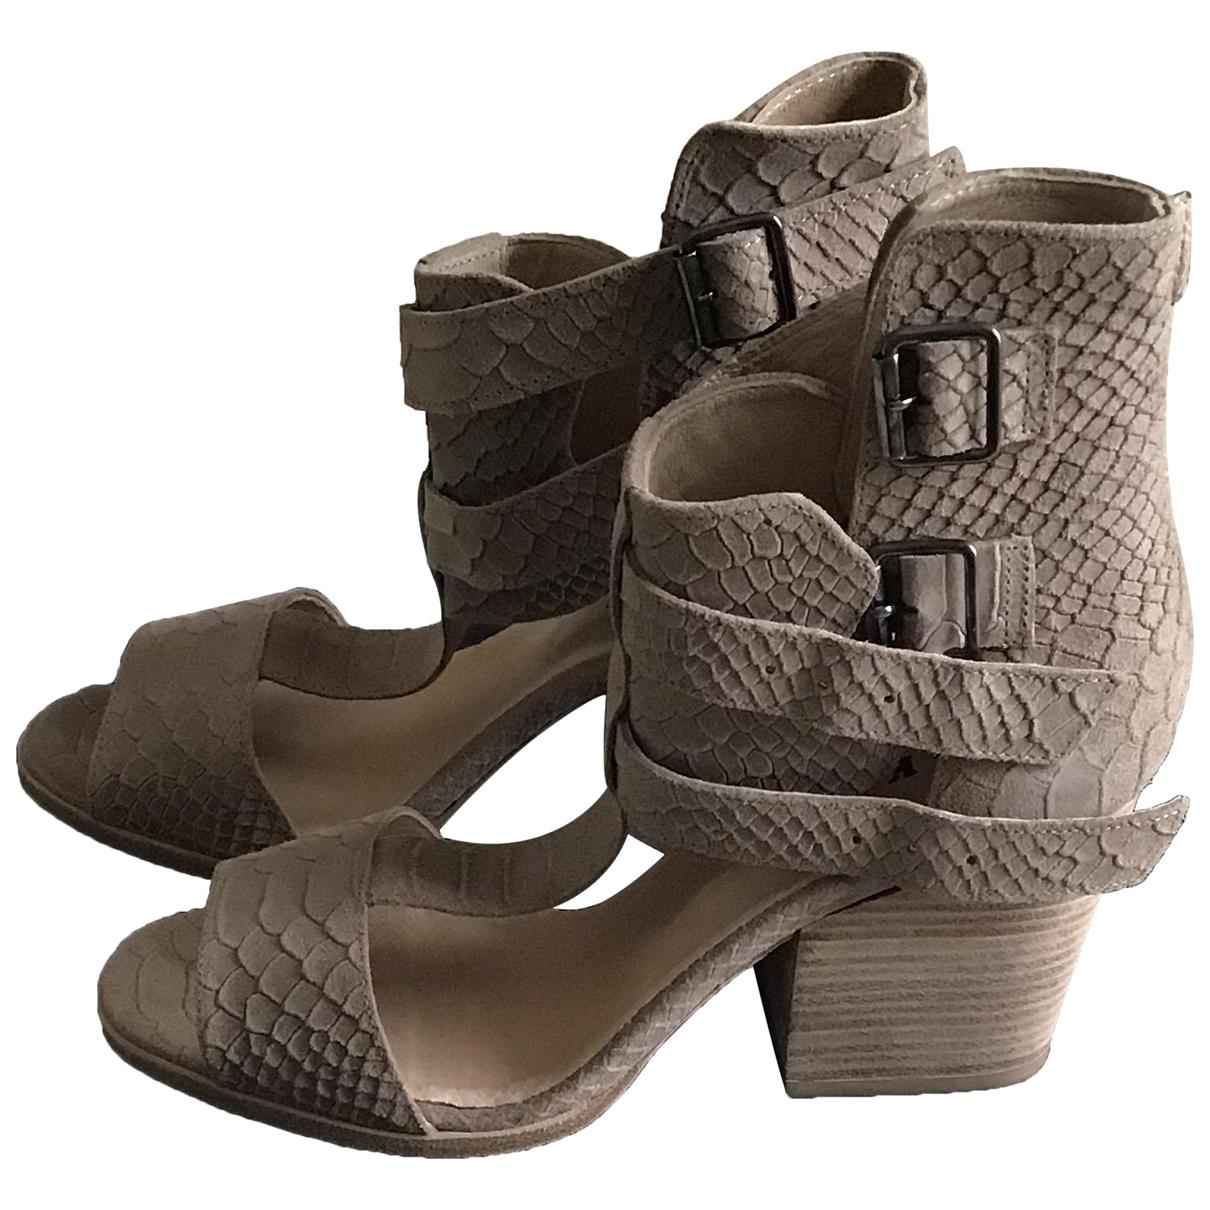 Sandalias de Cuero The Kooples